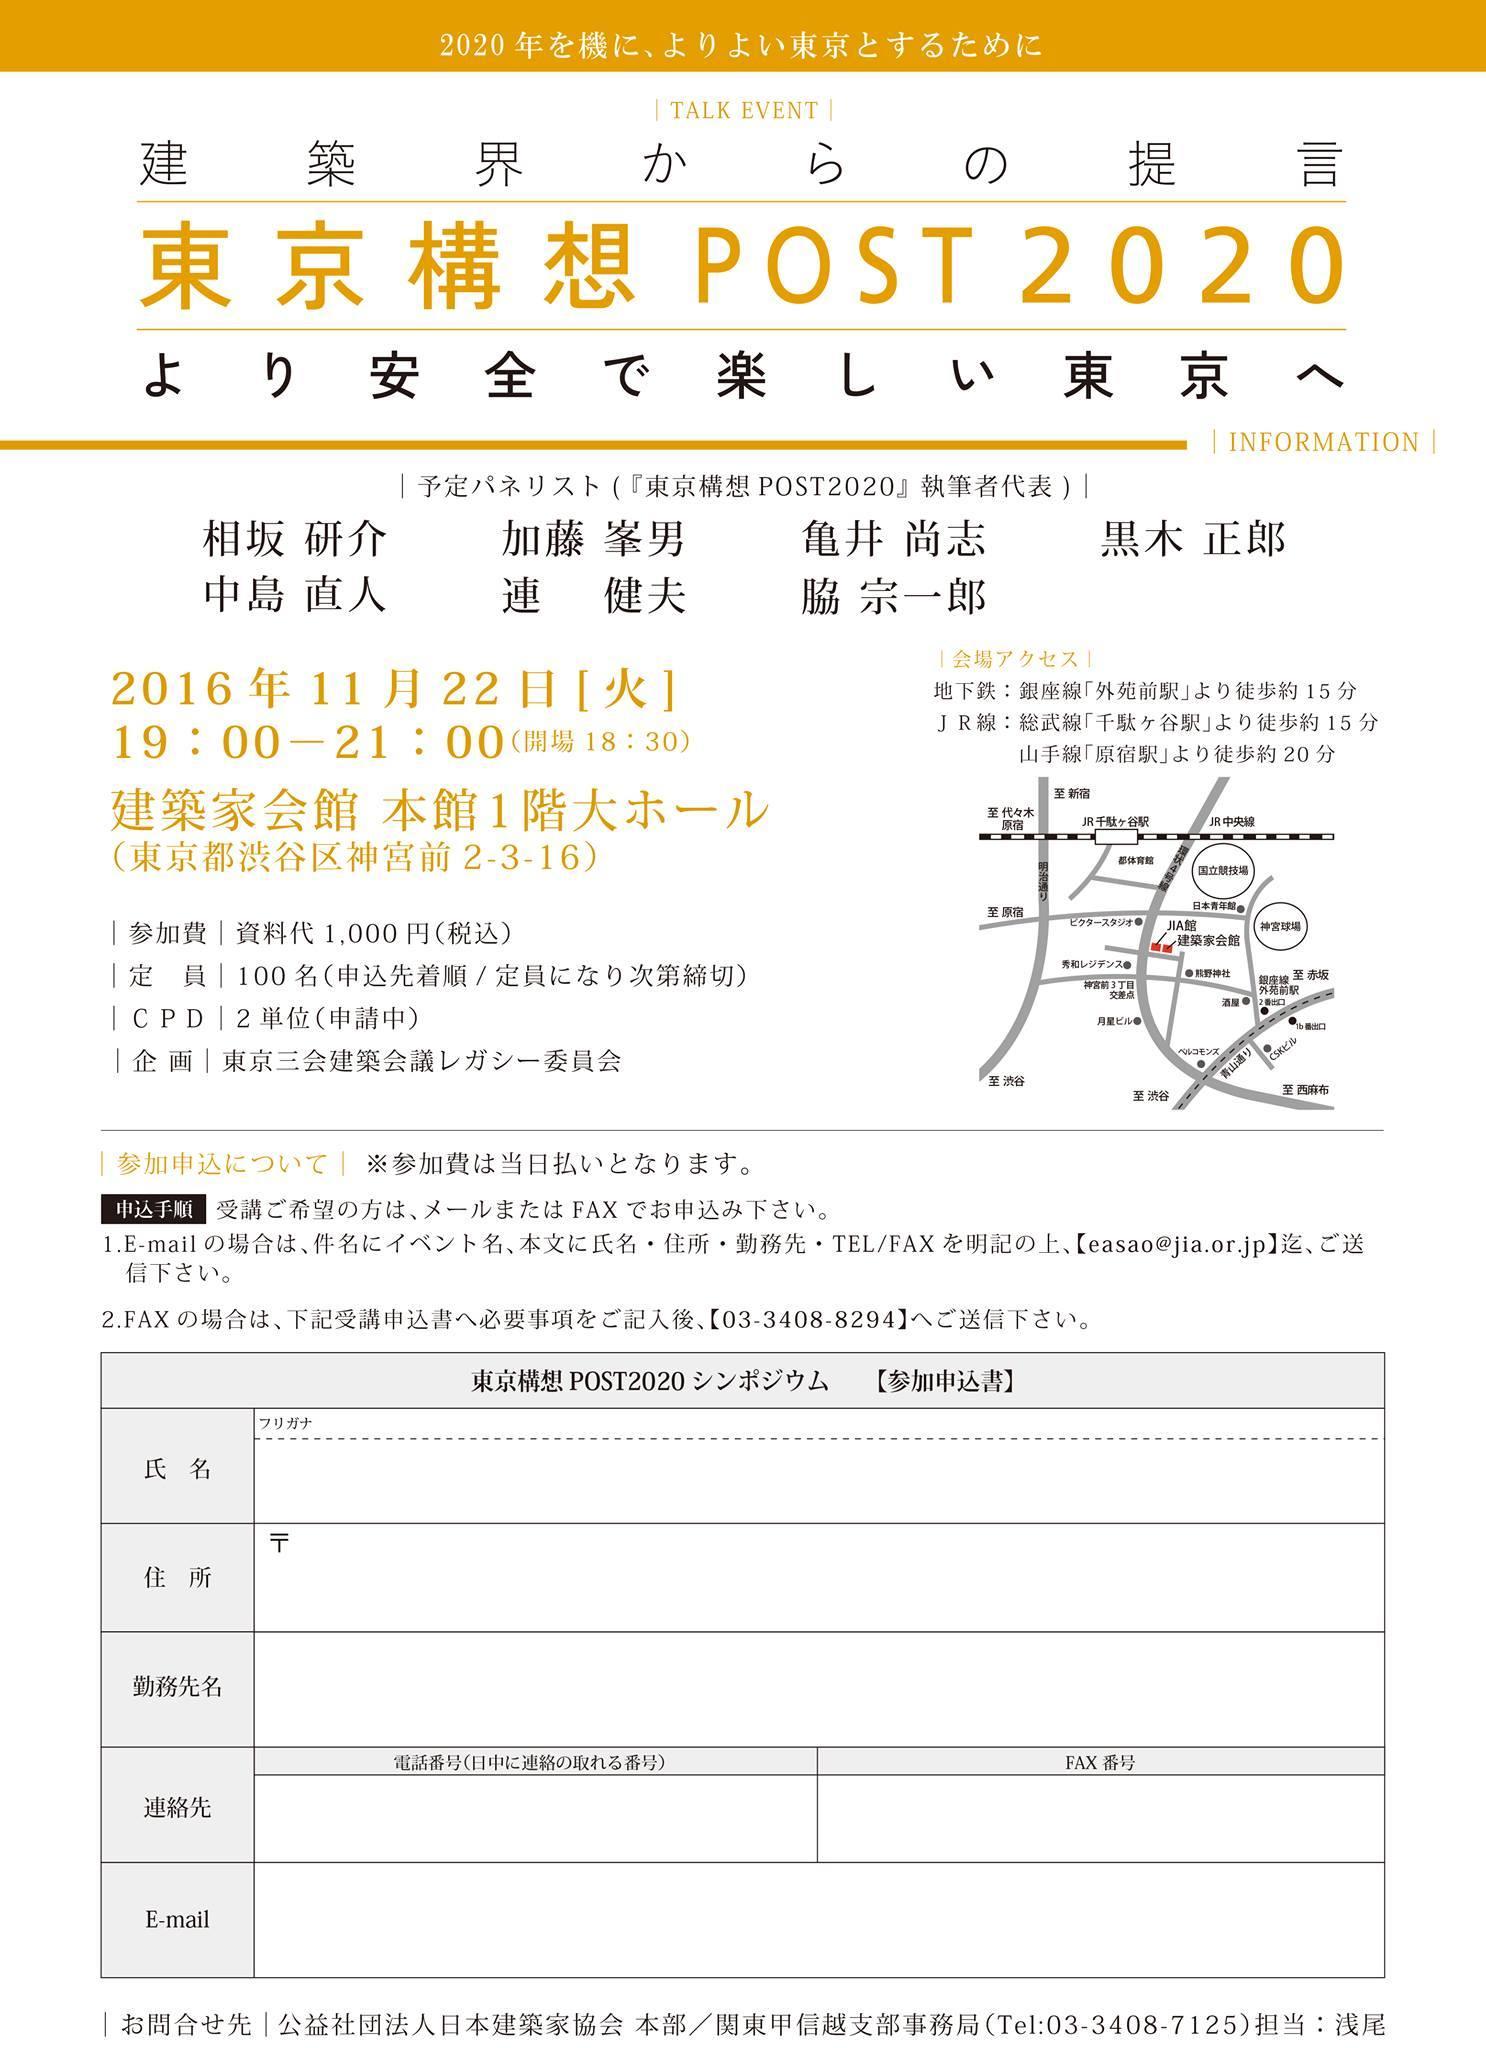 シンポジウム申込書